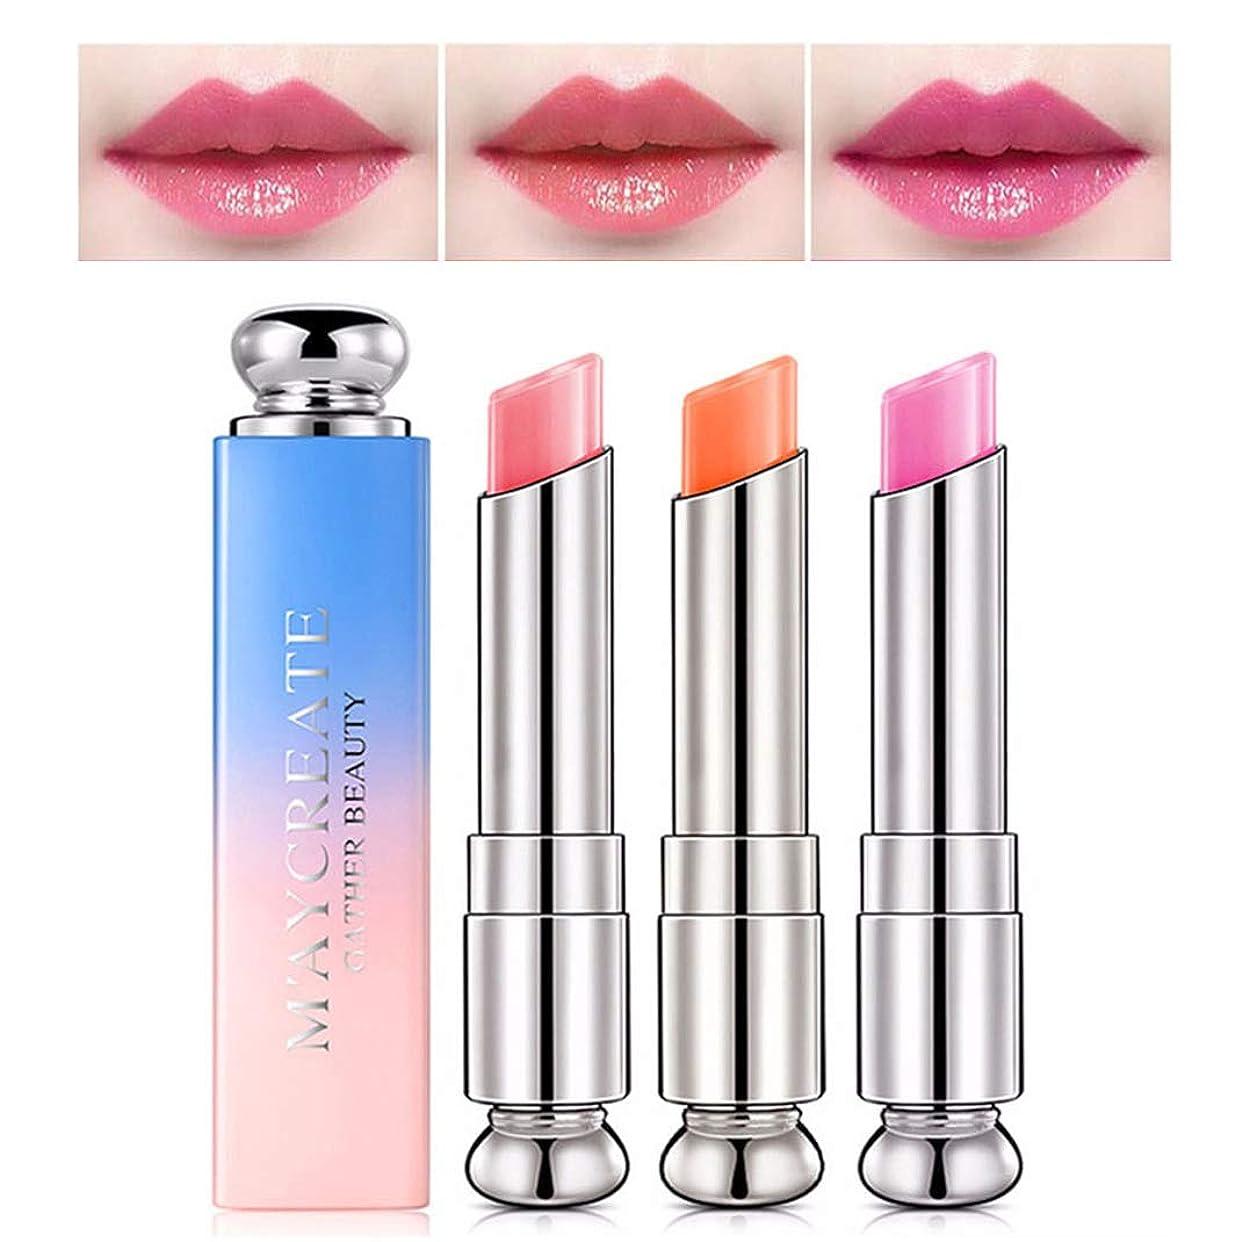 重量届ける誤1ピース色変化温度口紅、長続きがする保湿唇ケア変色口紅リップペンシルリップグロス (2)